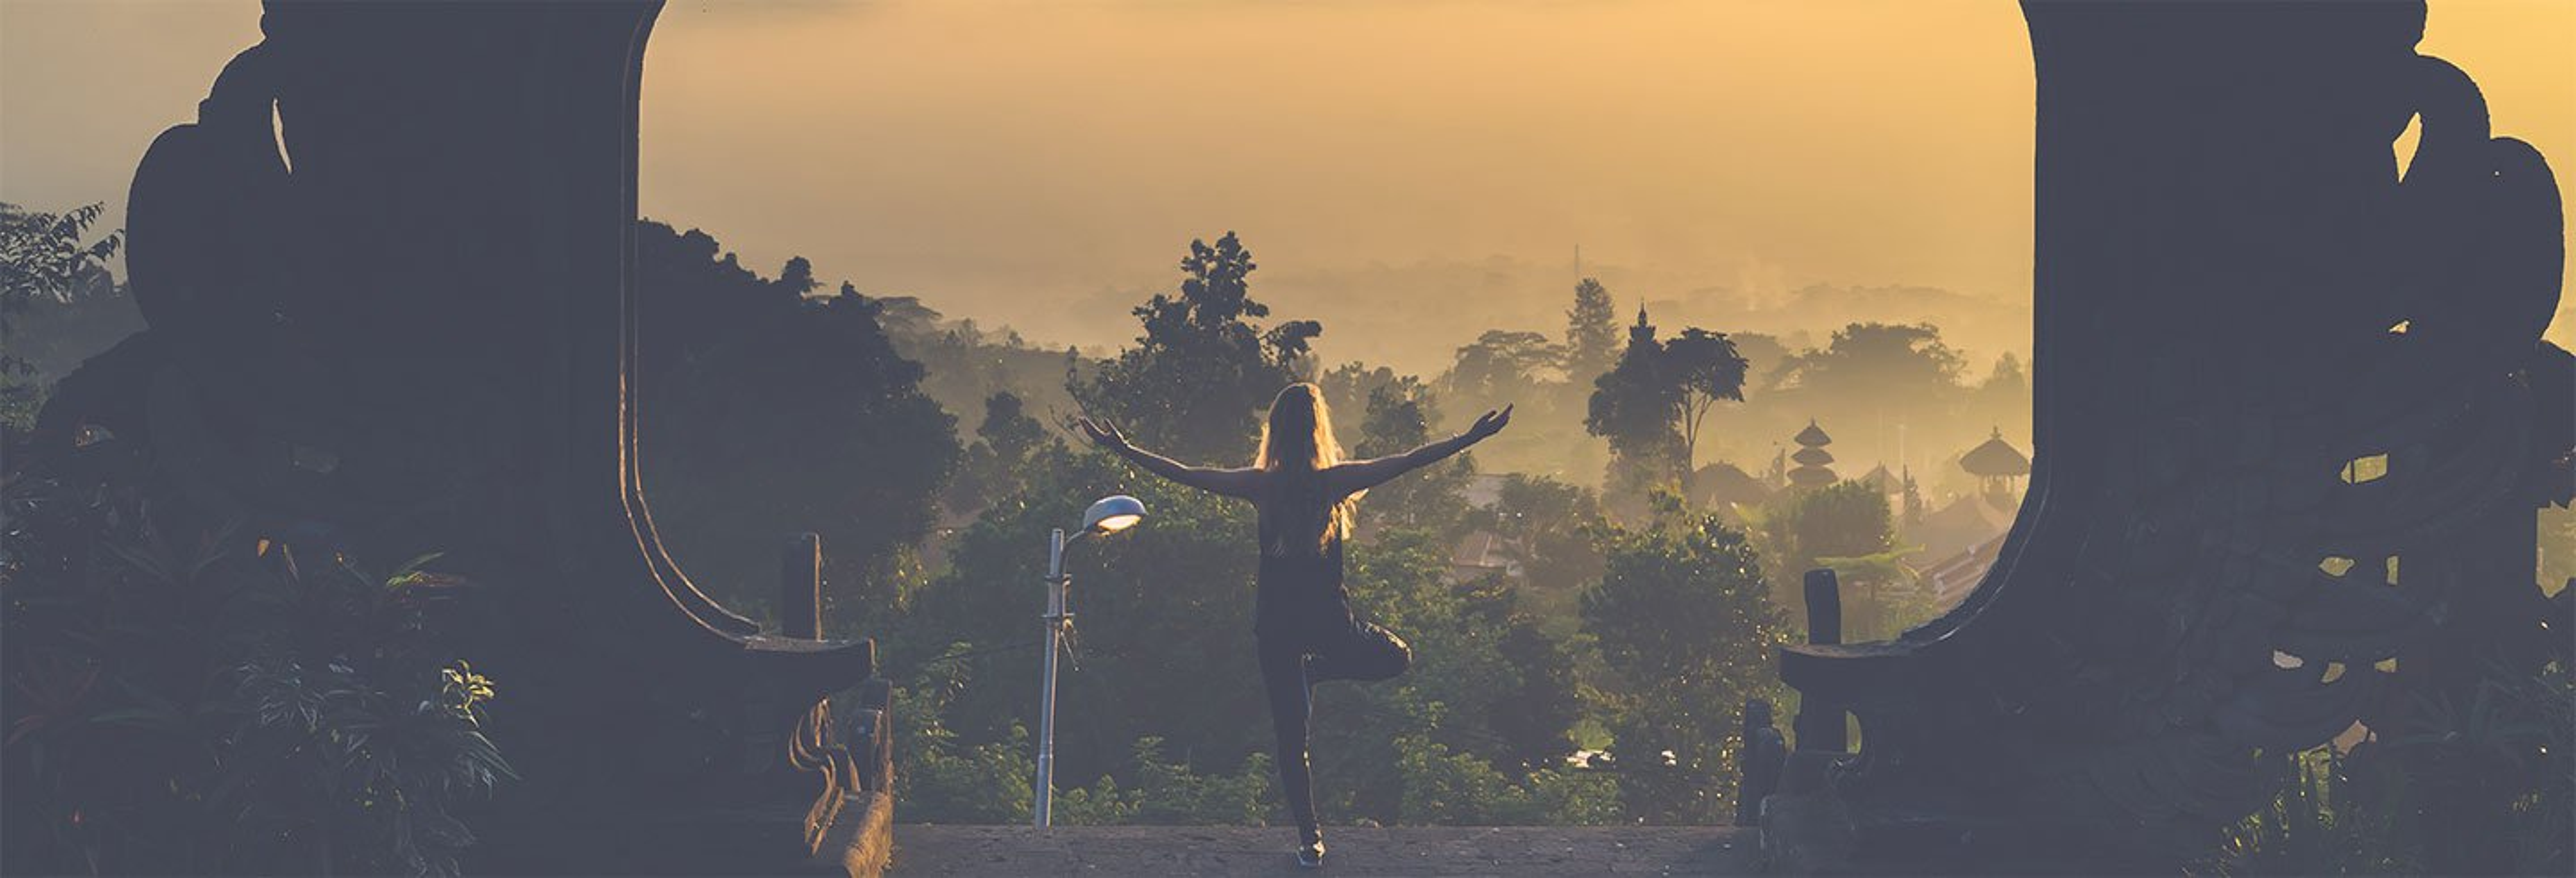 Est di Bali e Tempio Madre di Besakih